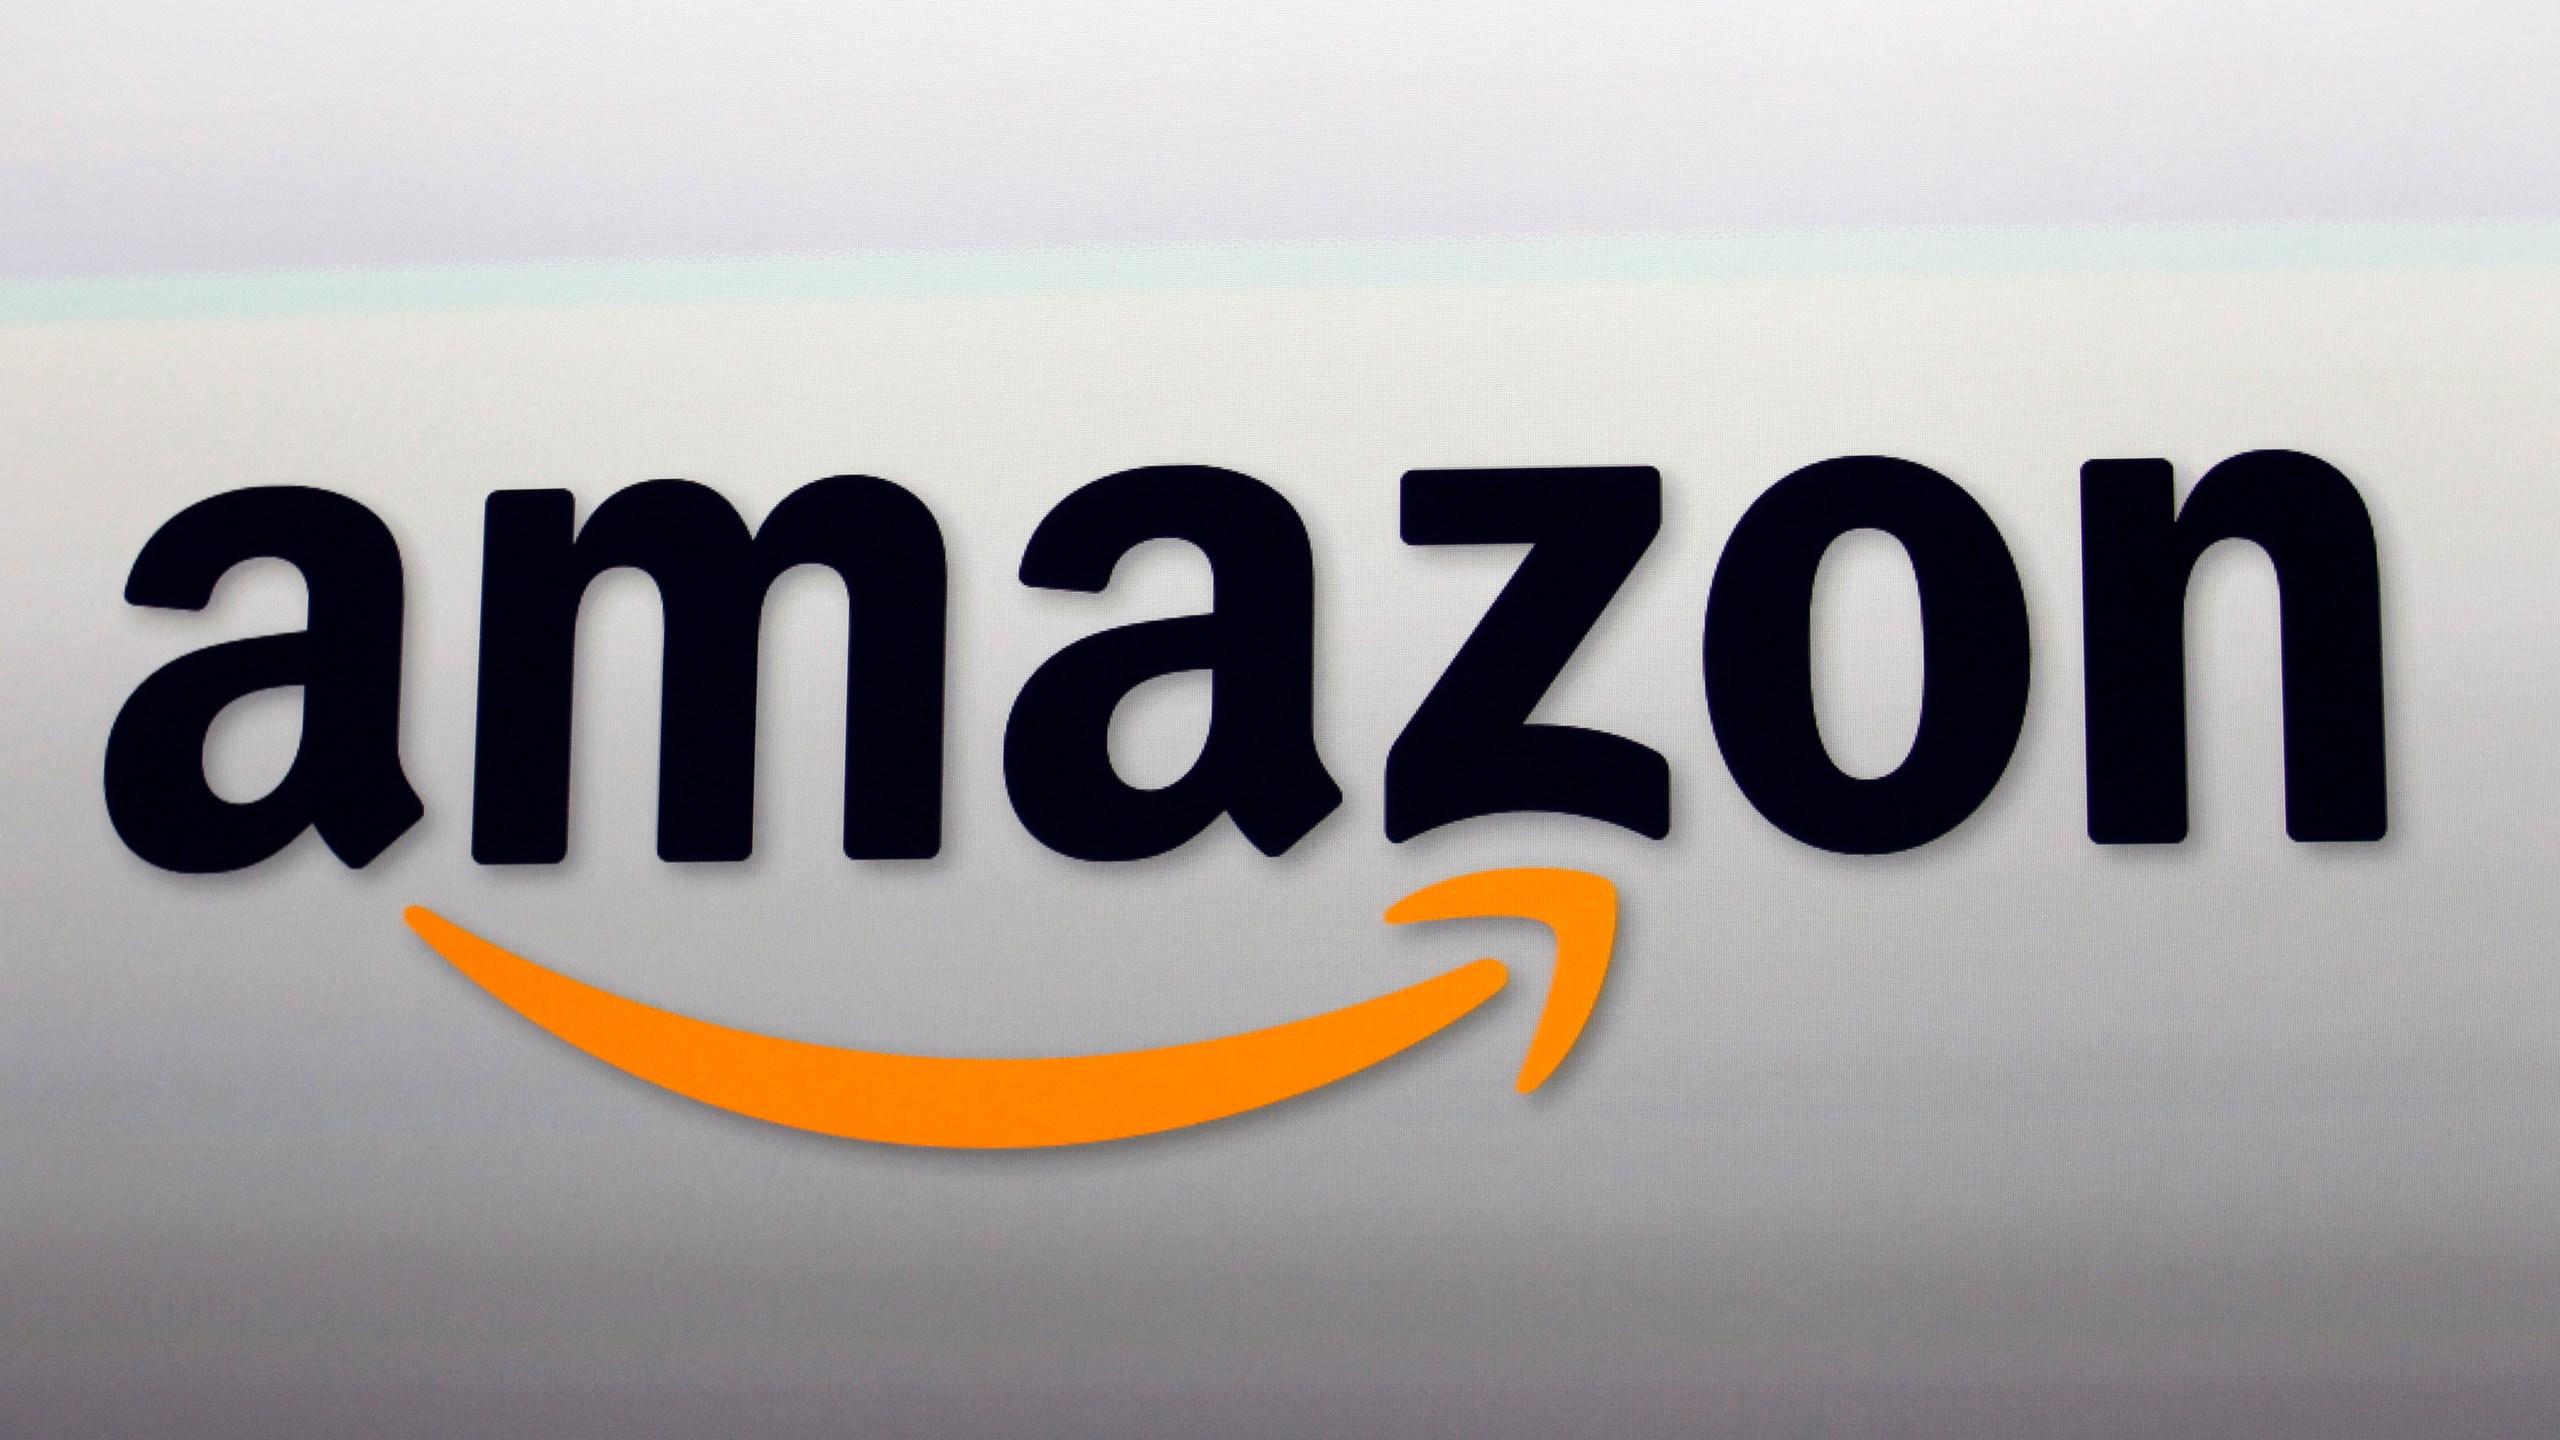 Amazon-Facial_Recognition_45490-159532.jpg65355187